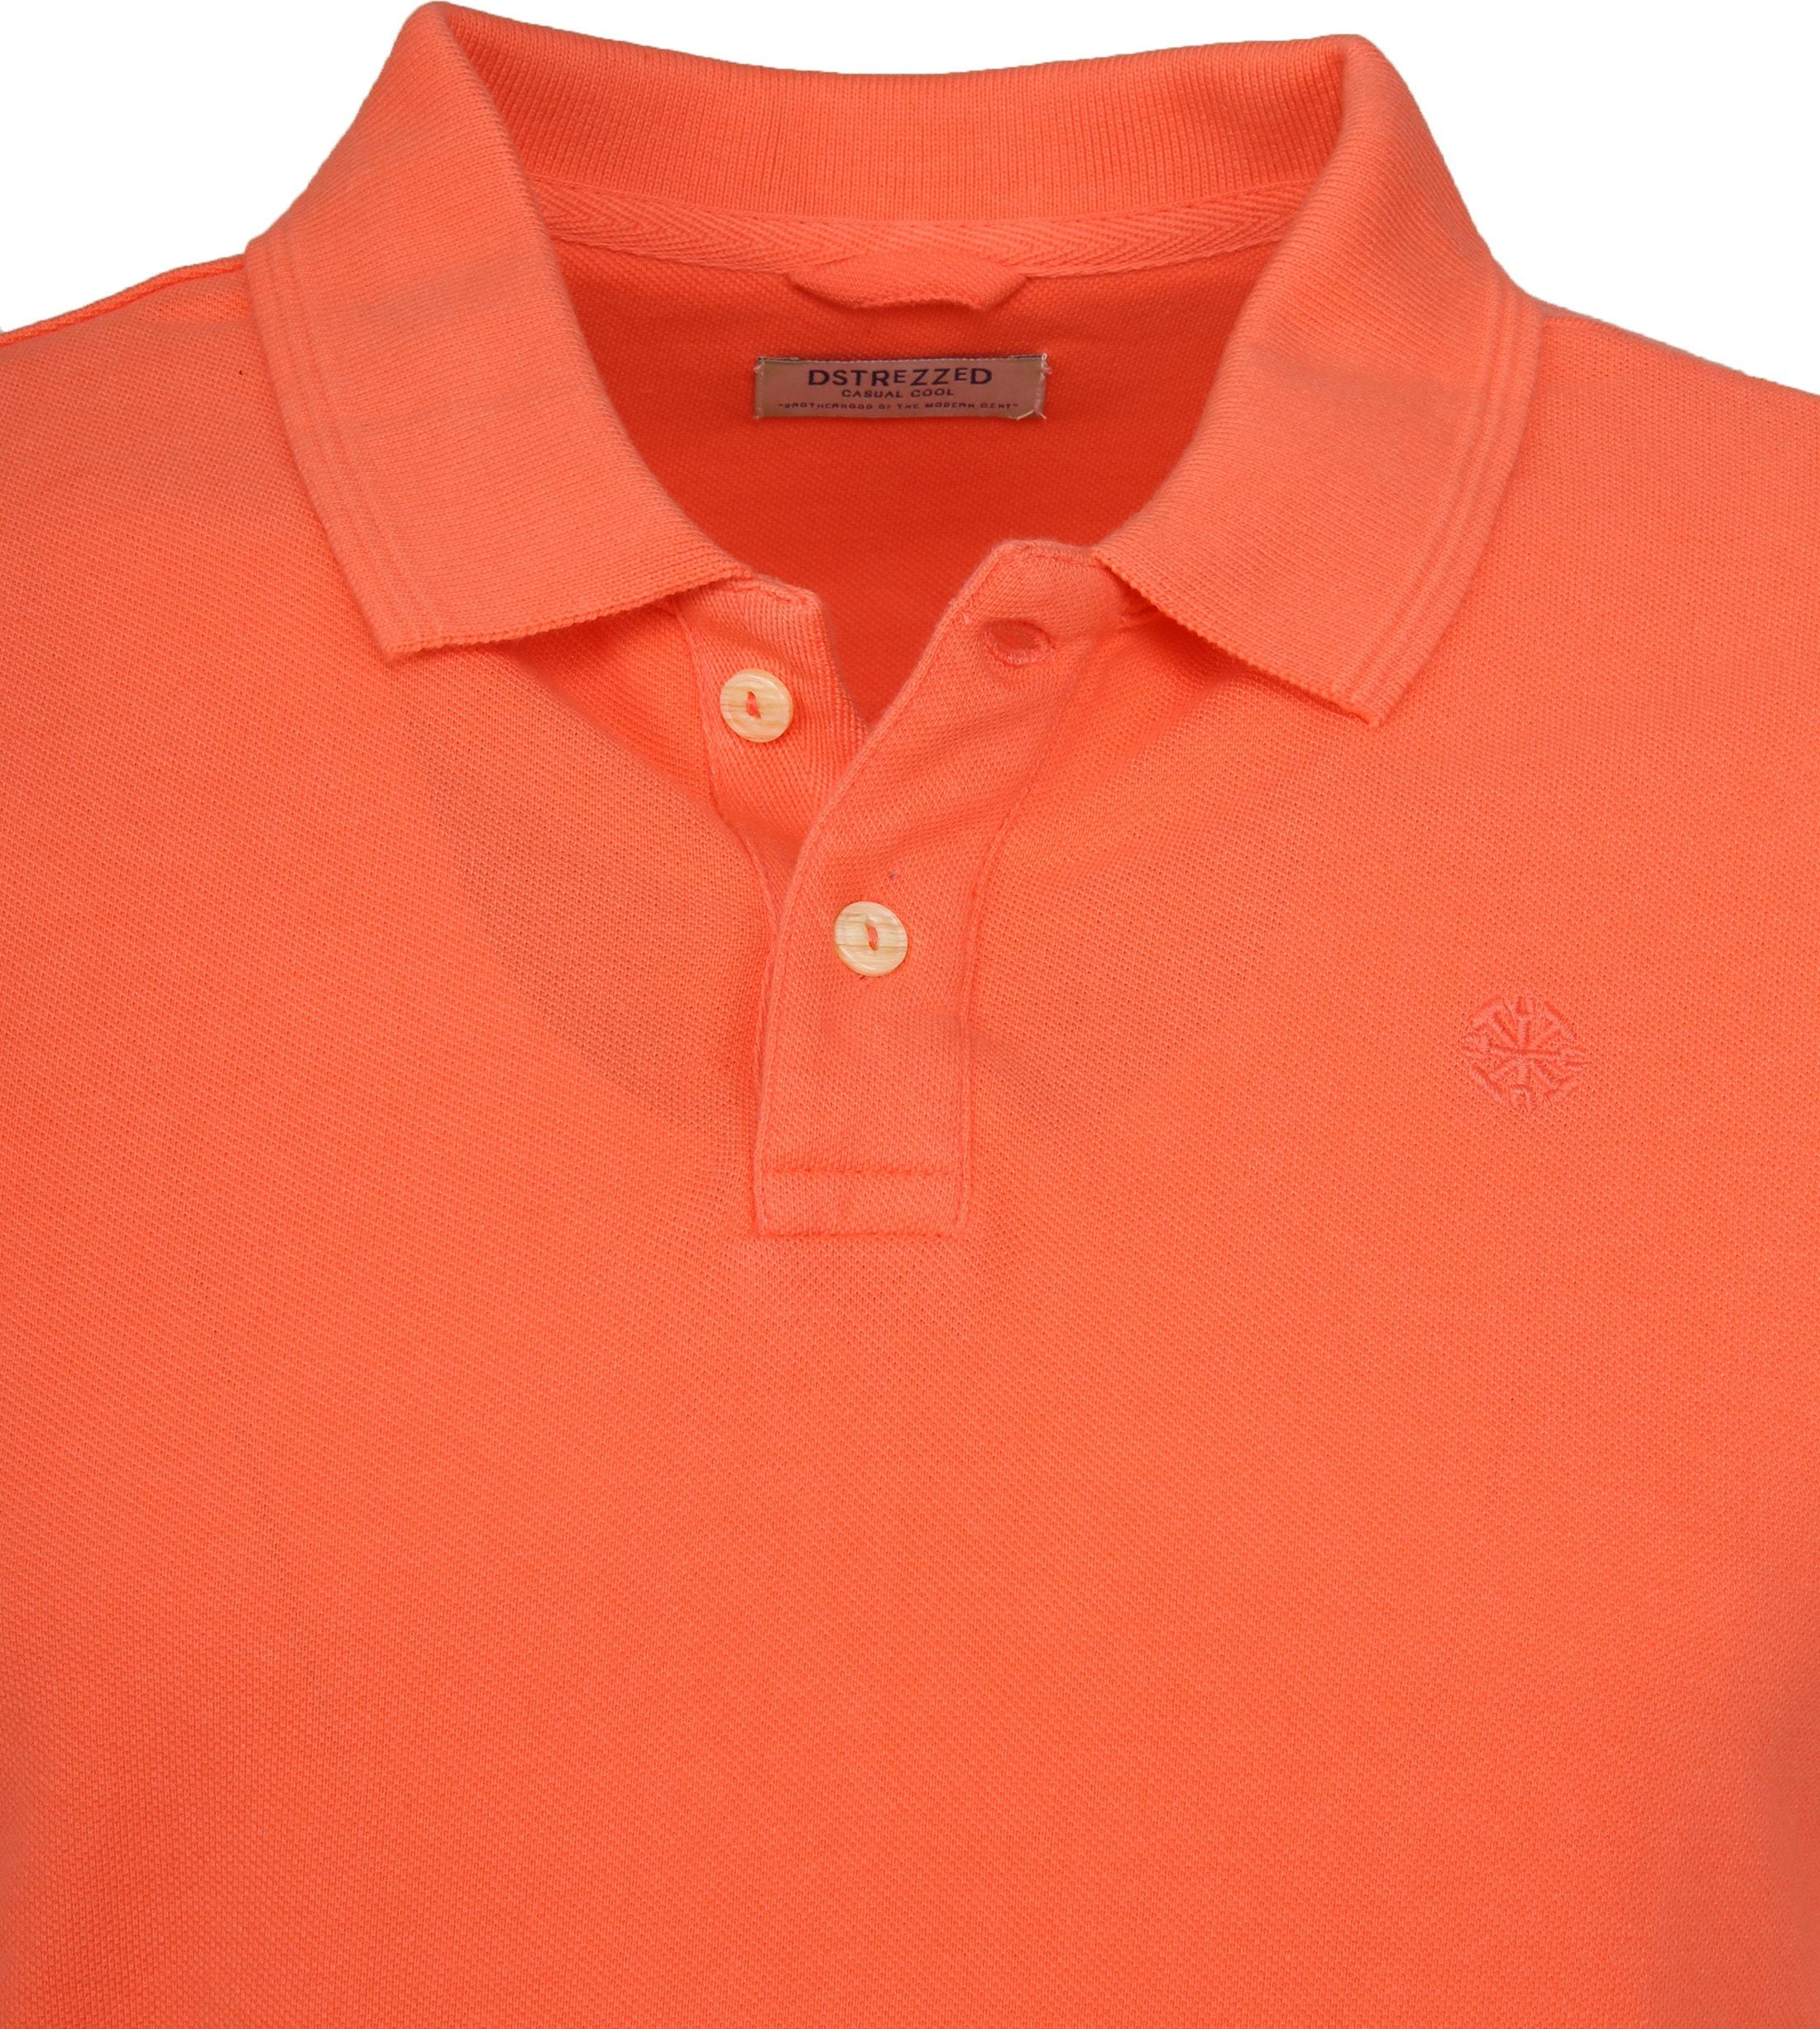 Dstrezzed Bowie Poloshirt Orange foto 1